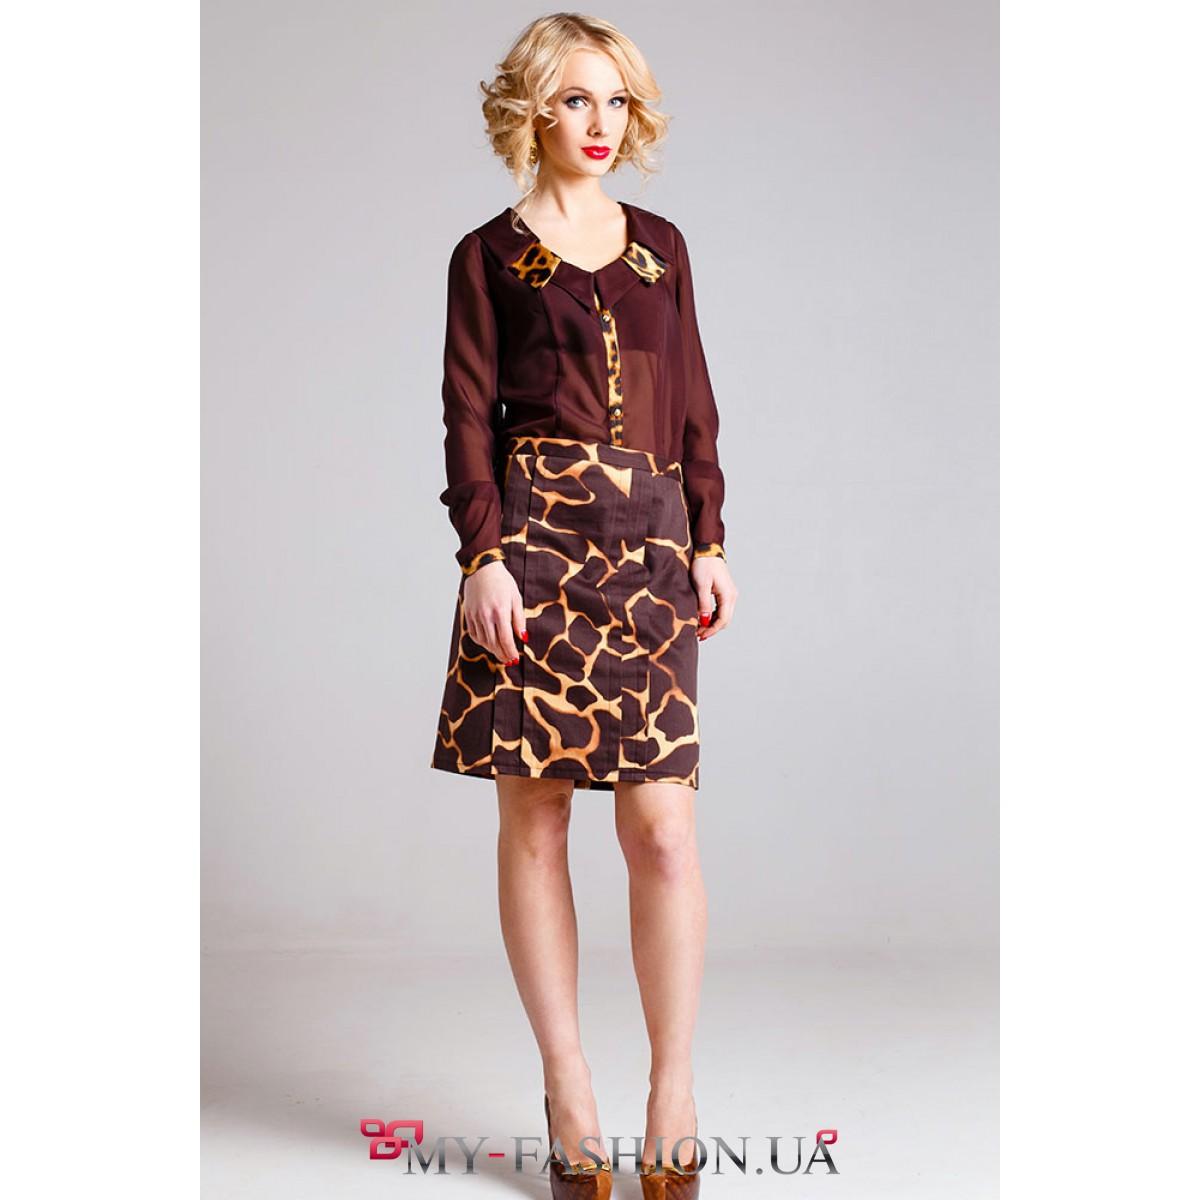 Леопардовая юбка доставка